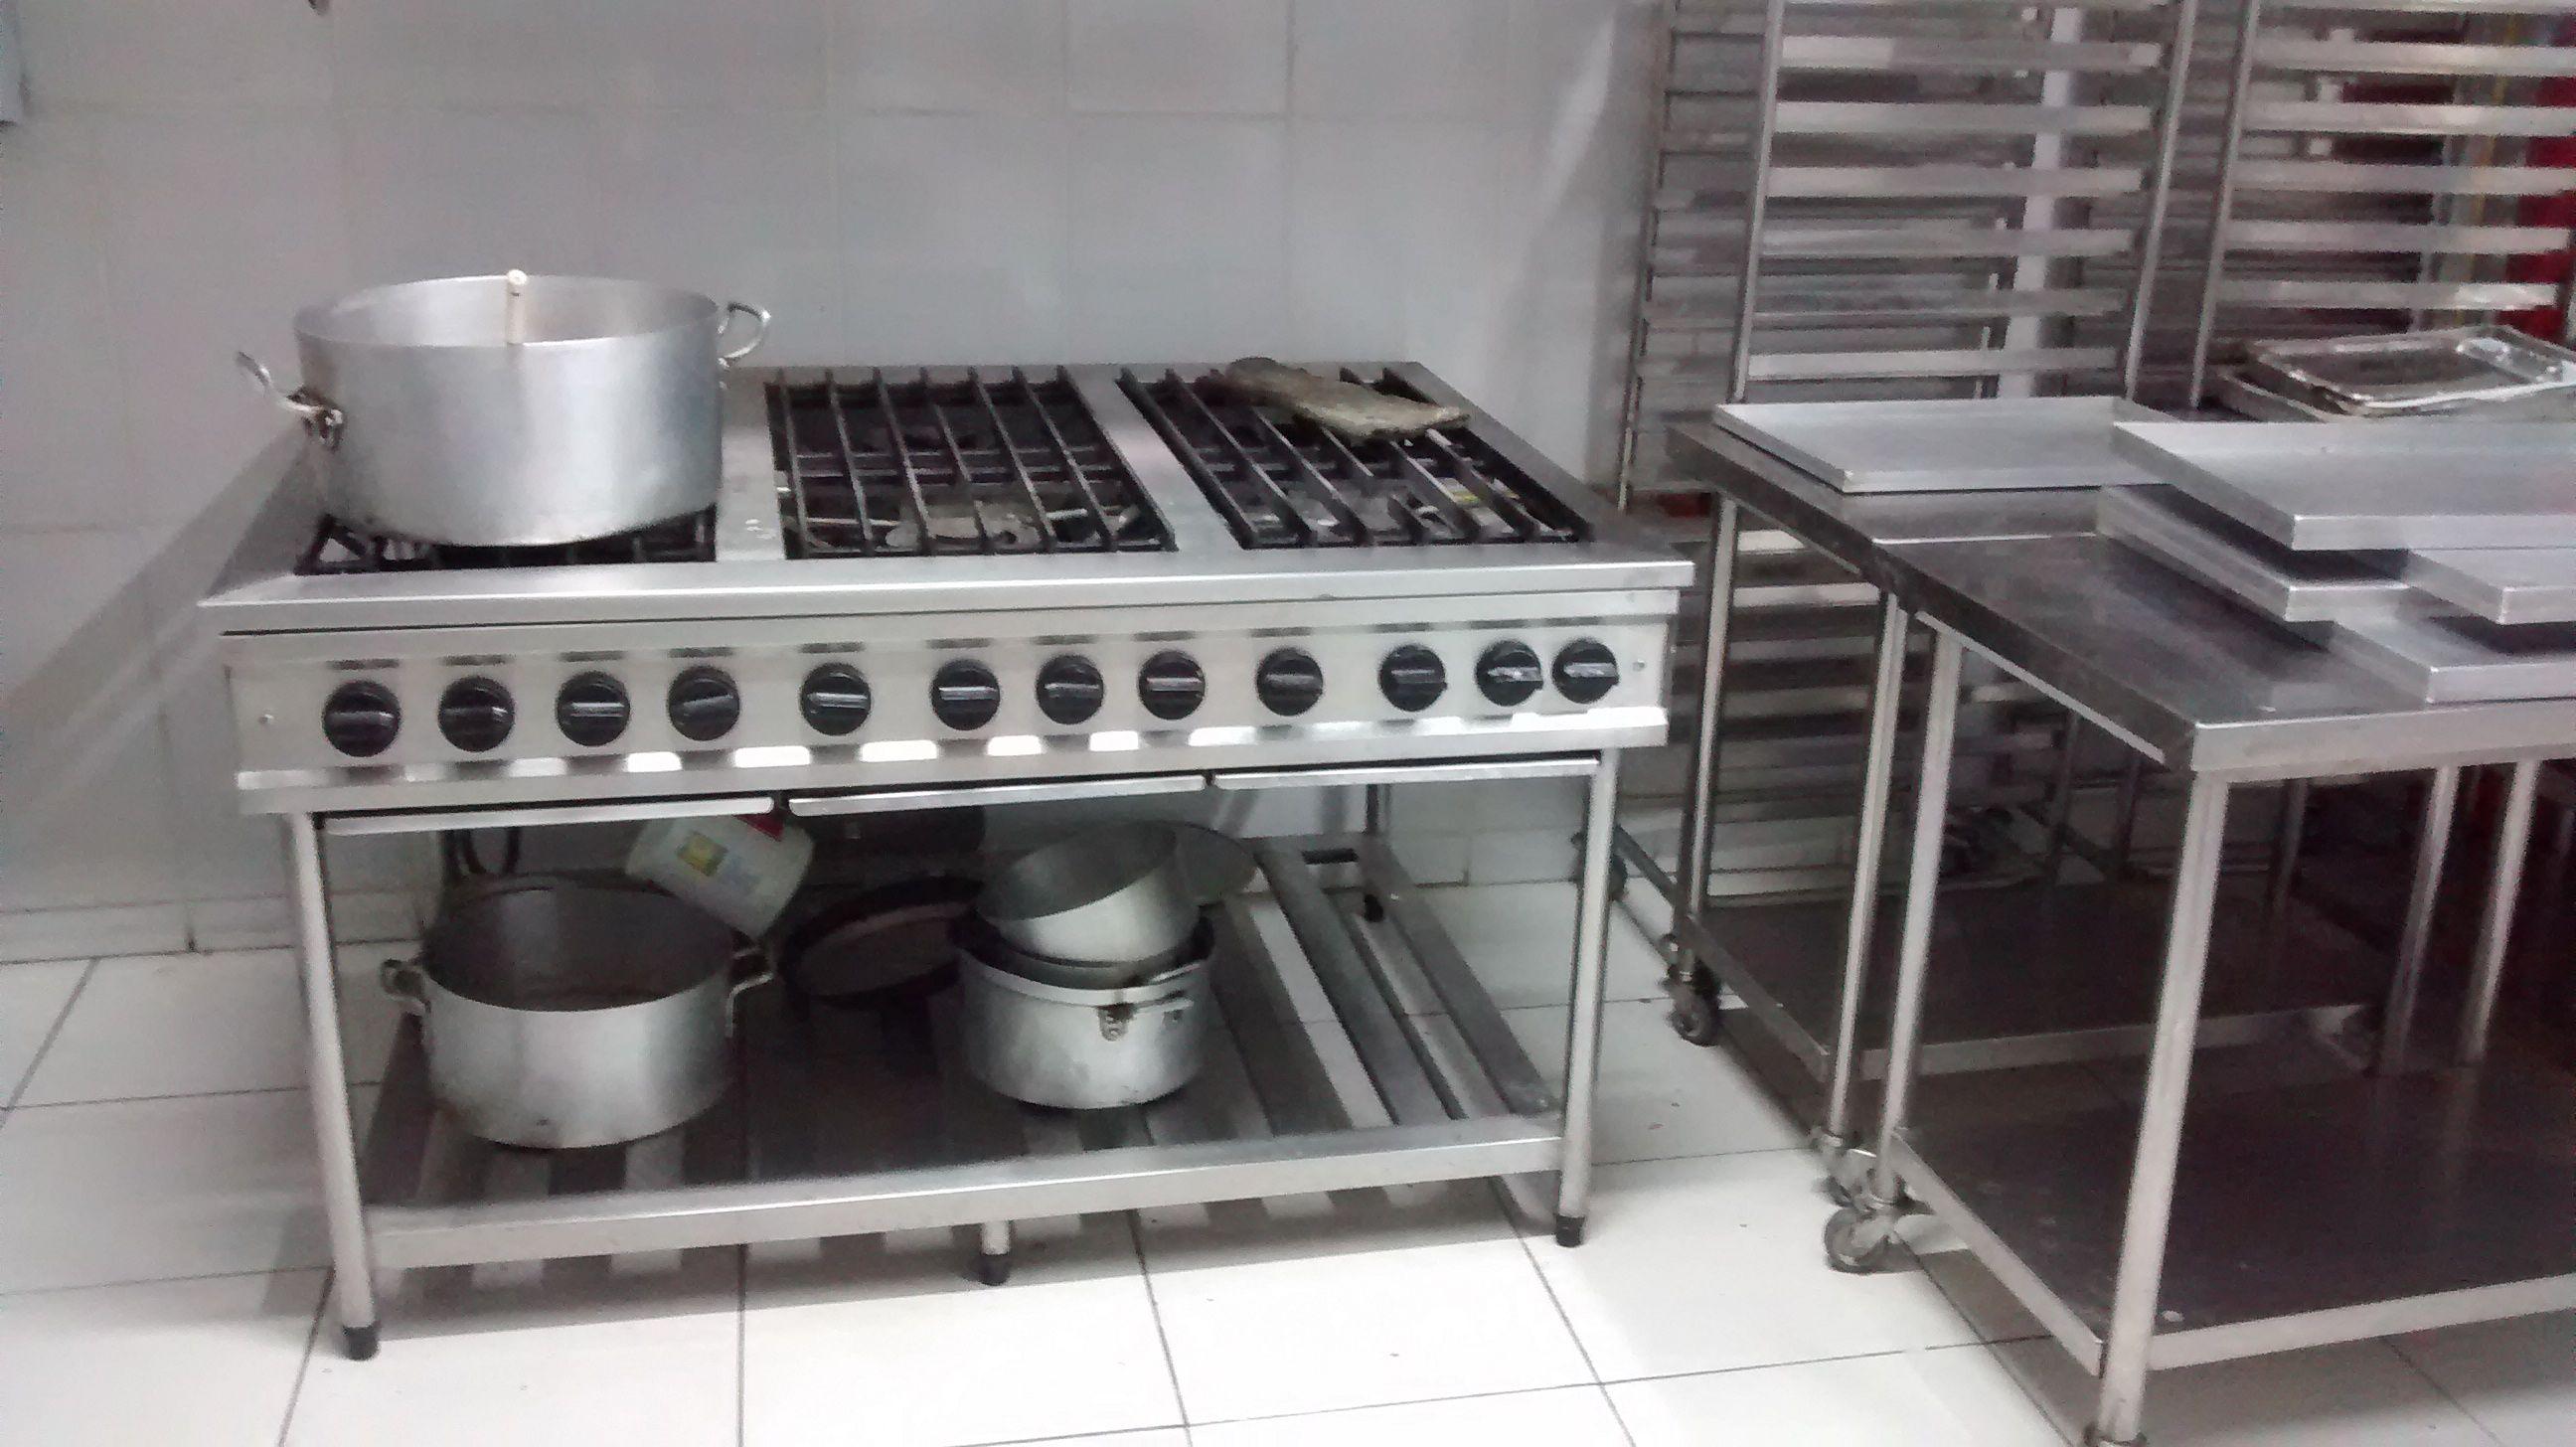 Cozinha Industrial Com Nfase Em Catering E Confeitaria Fog O 6